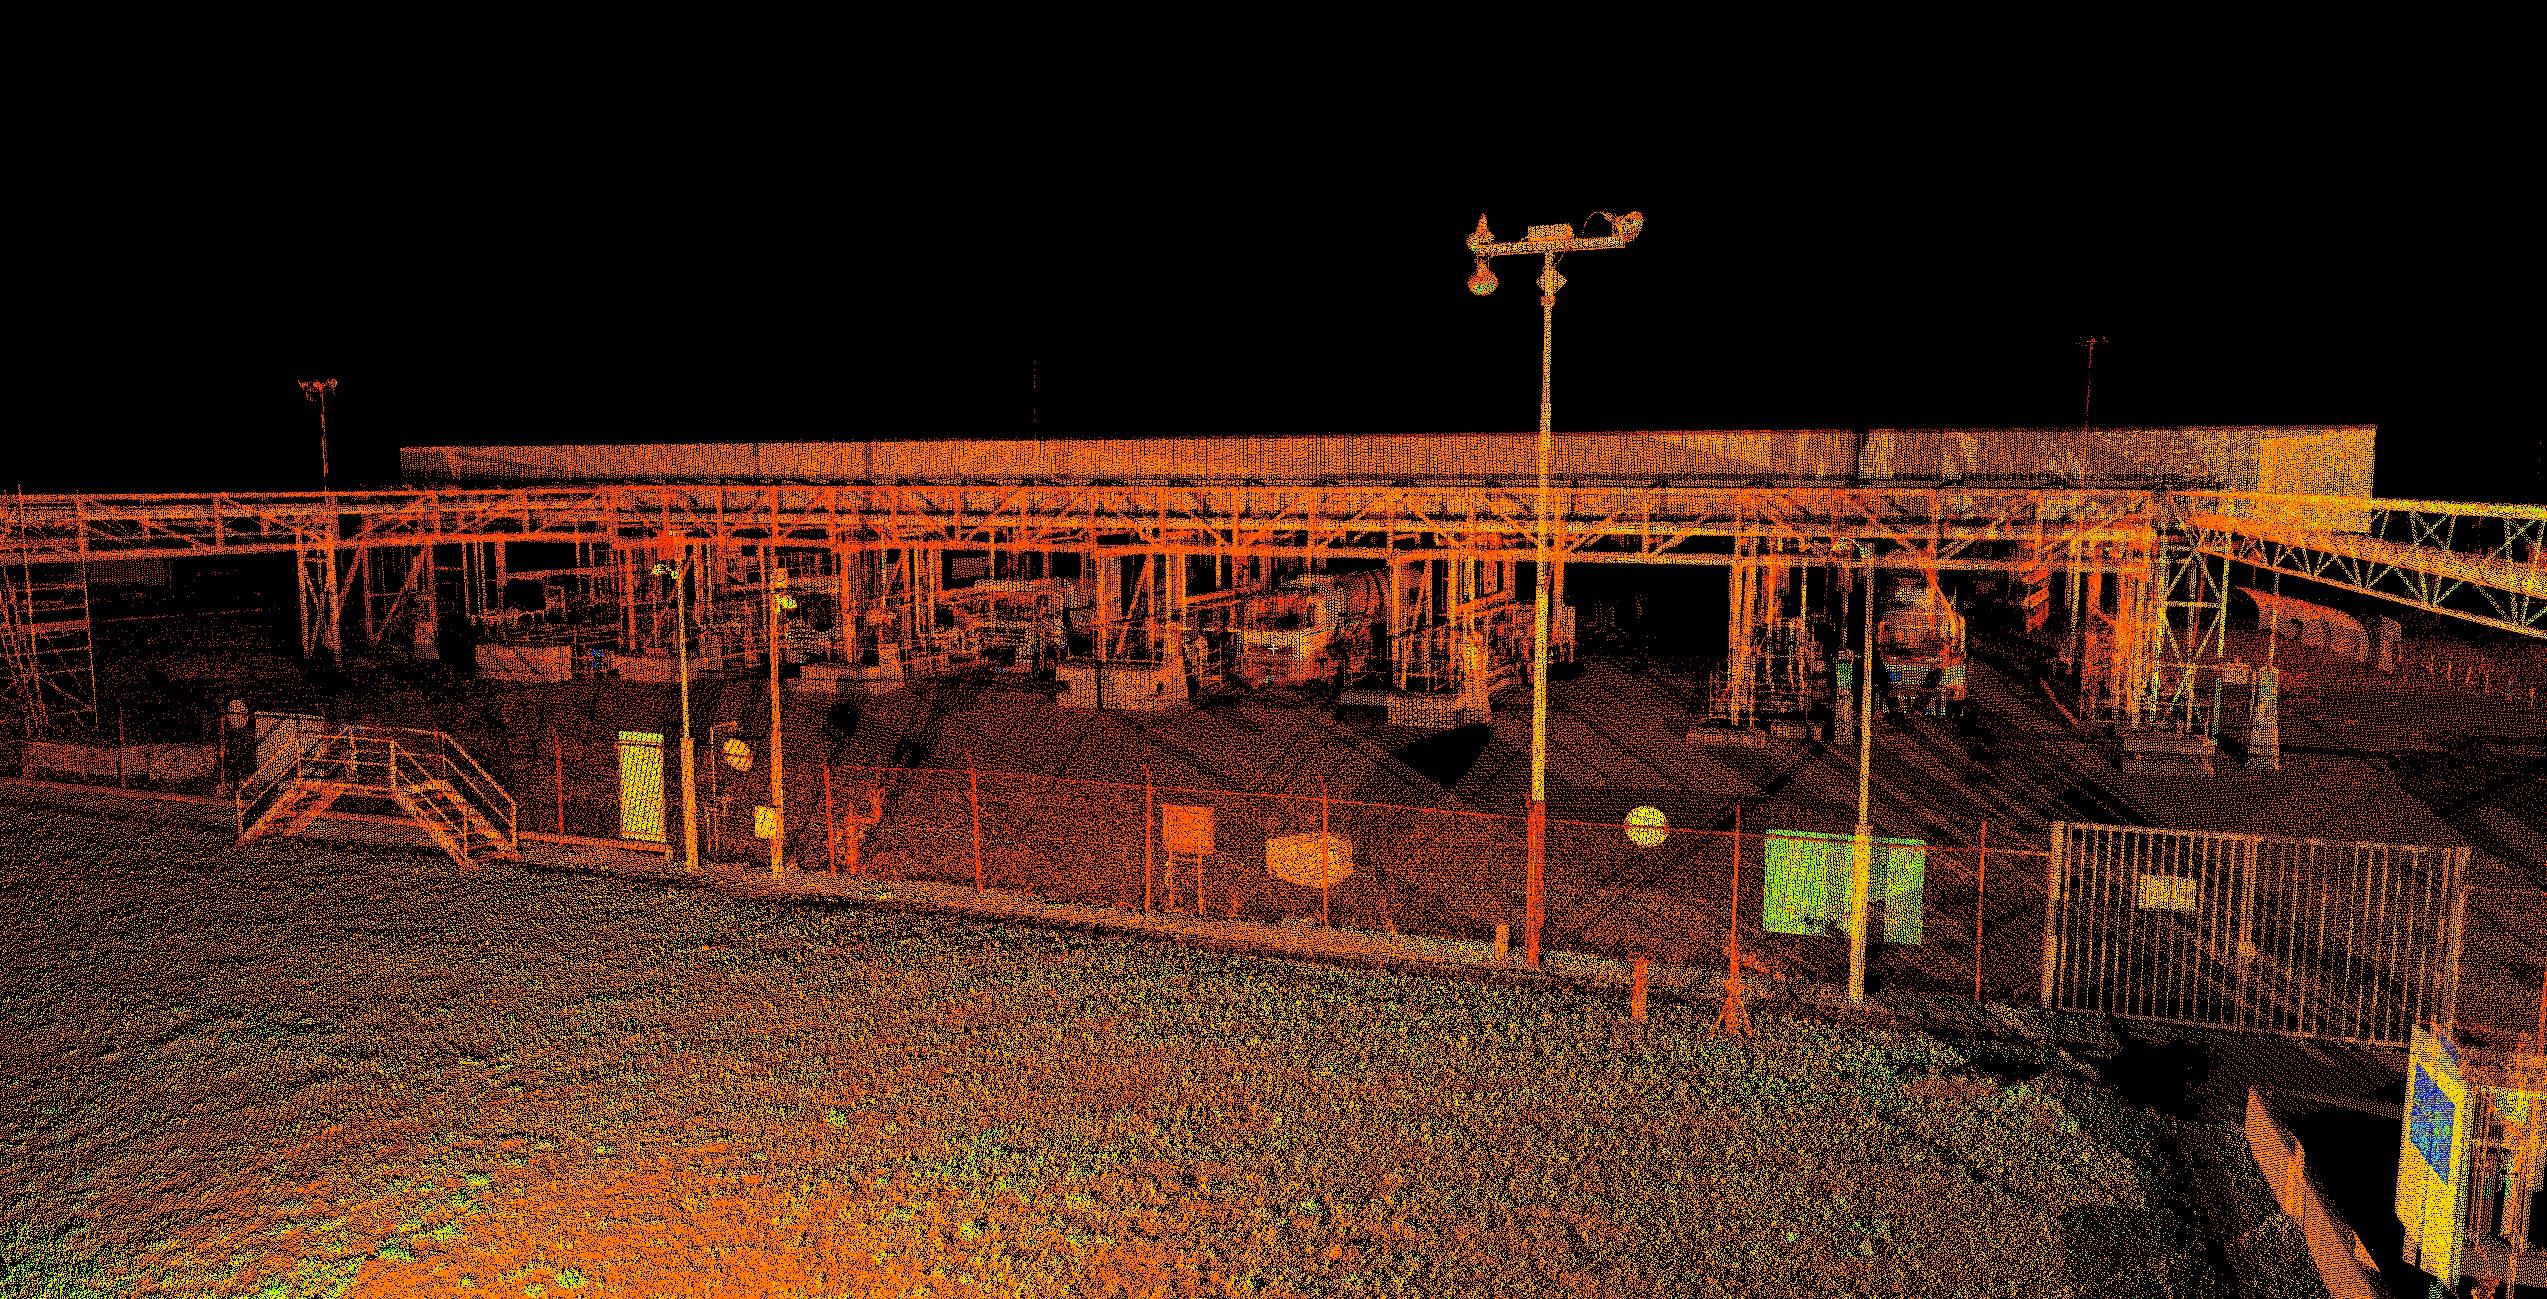 Pointcloud loading dock